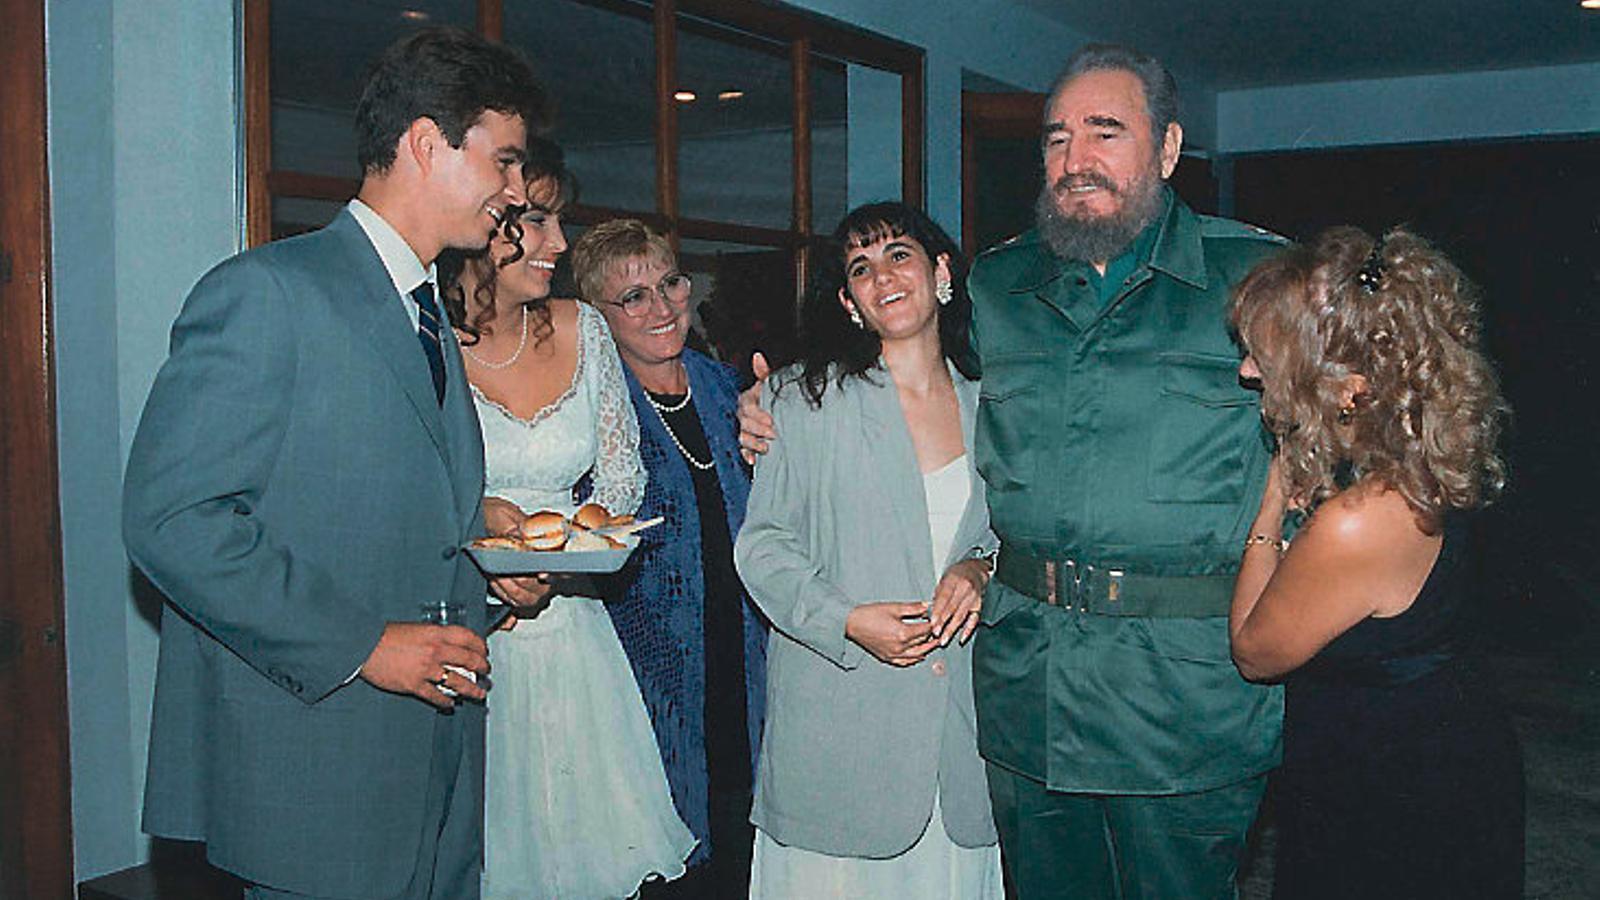 Fotografia del dia que Idalmis Menéndez, exnora de Fidel Castro, va conèixer en persona el líder cubà